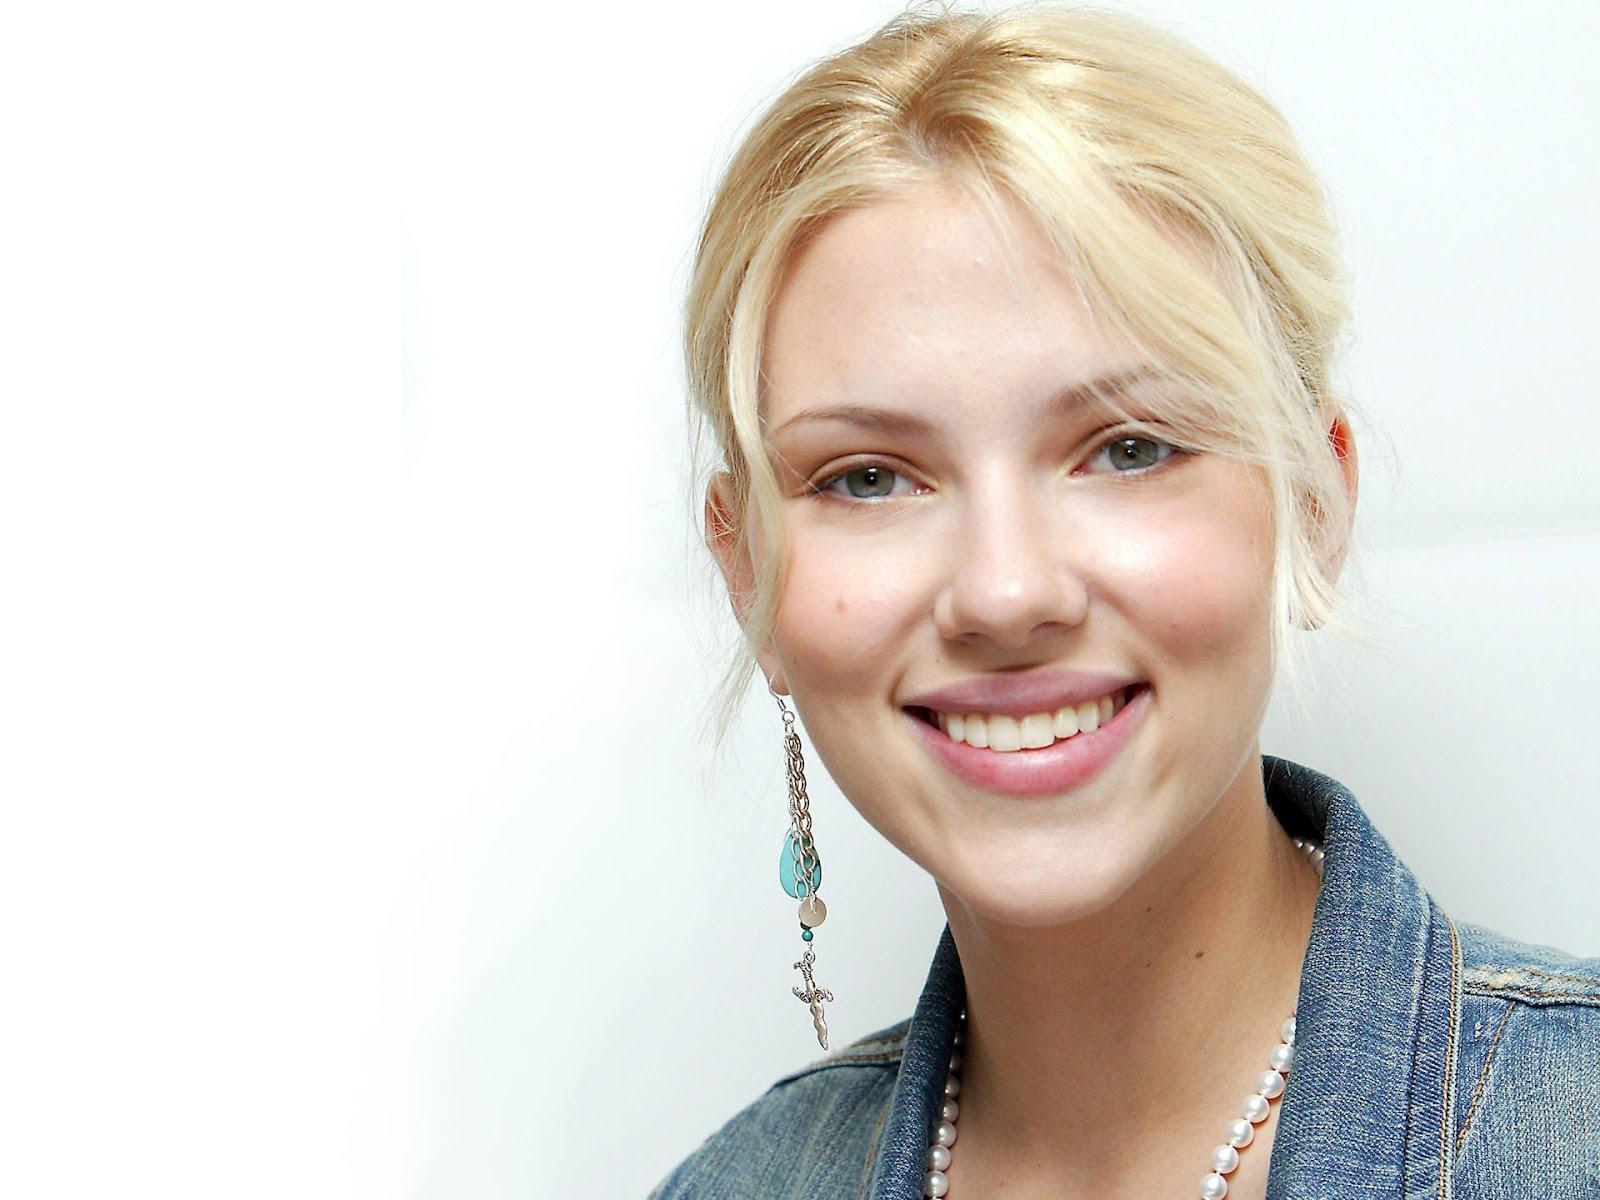 Scarlett Johansson Imágenes - FONDOS WALL Shakira